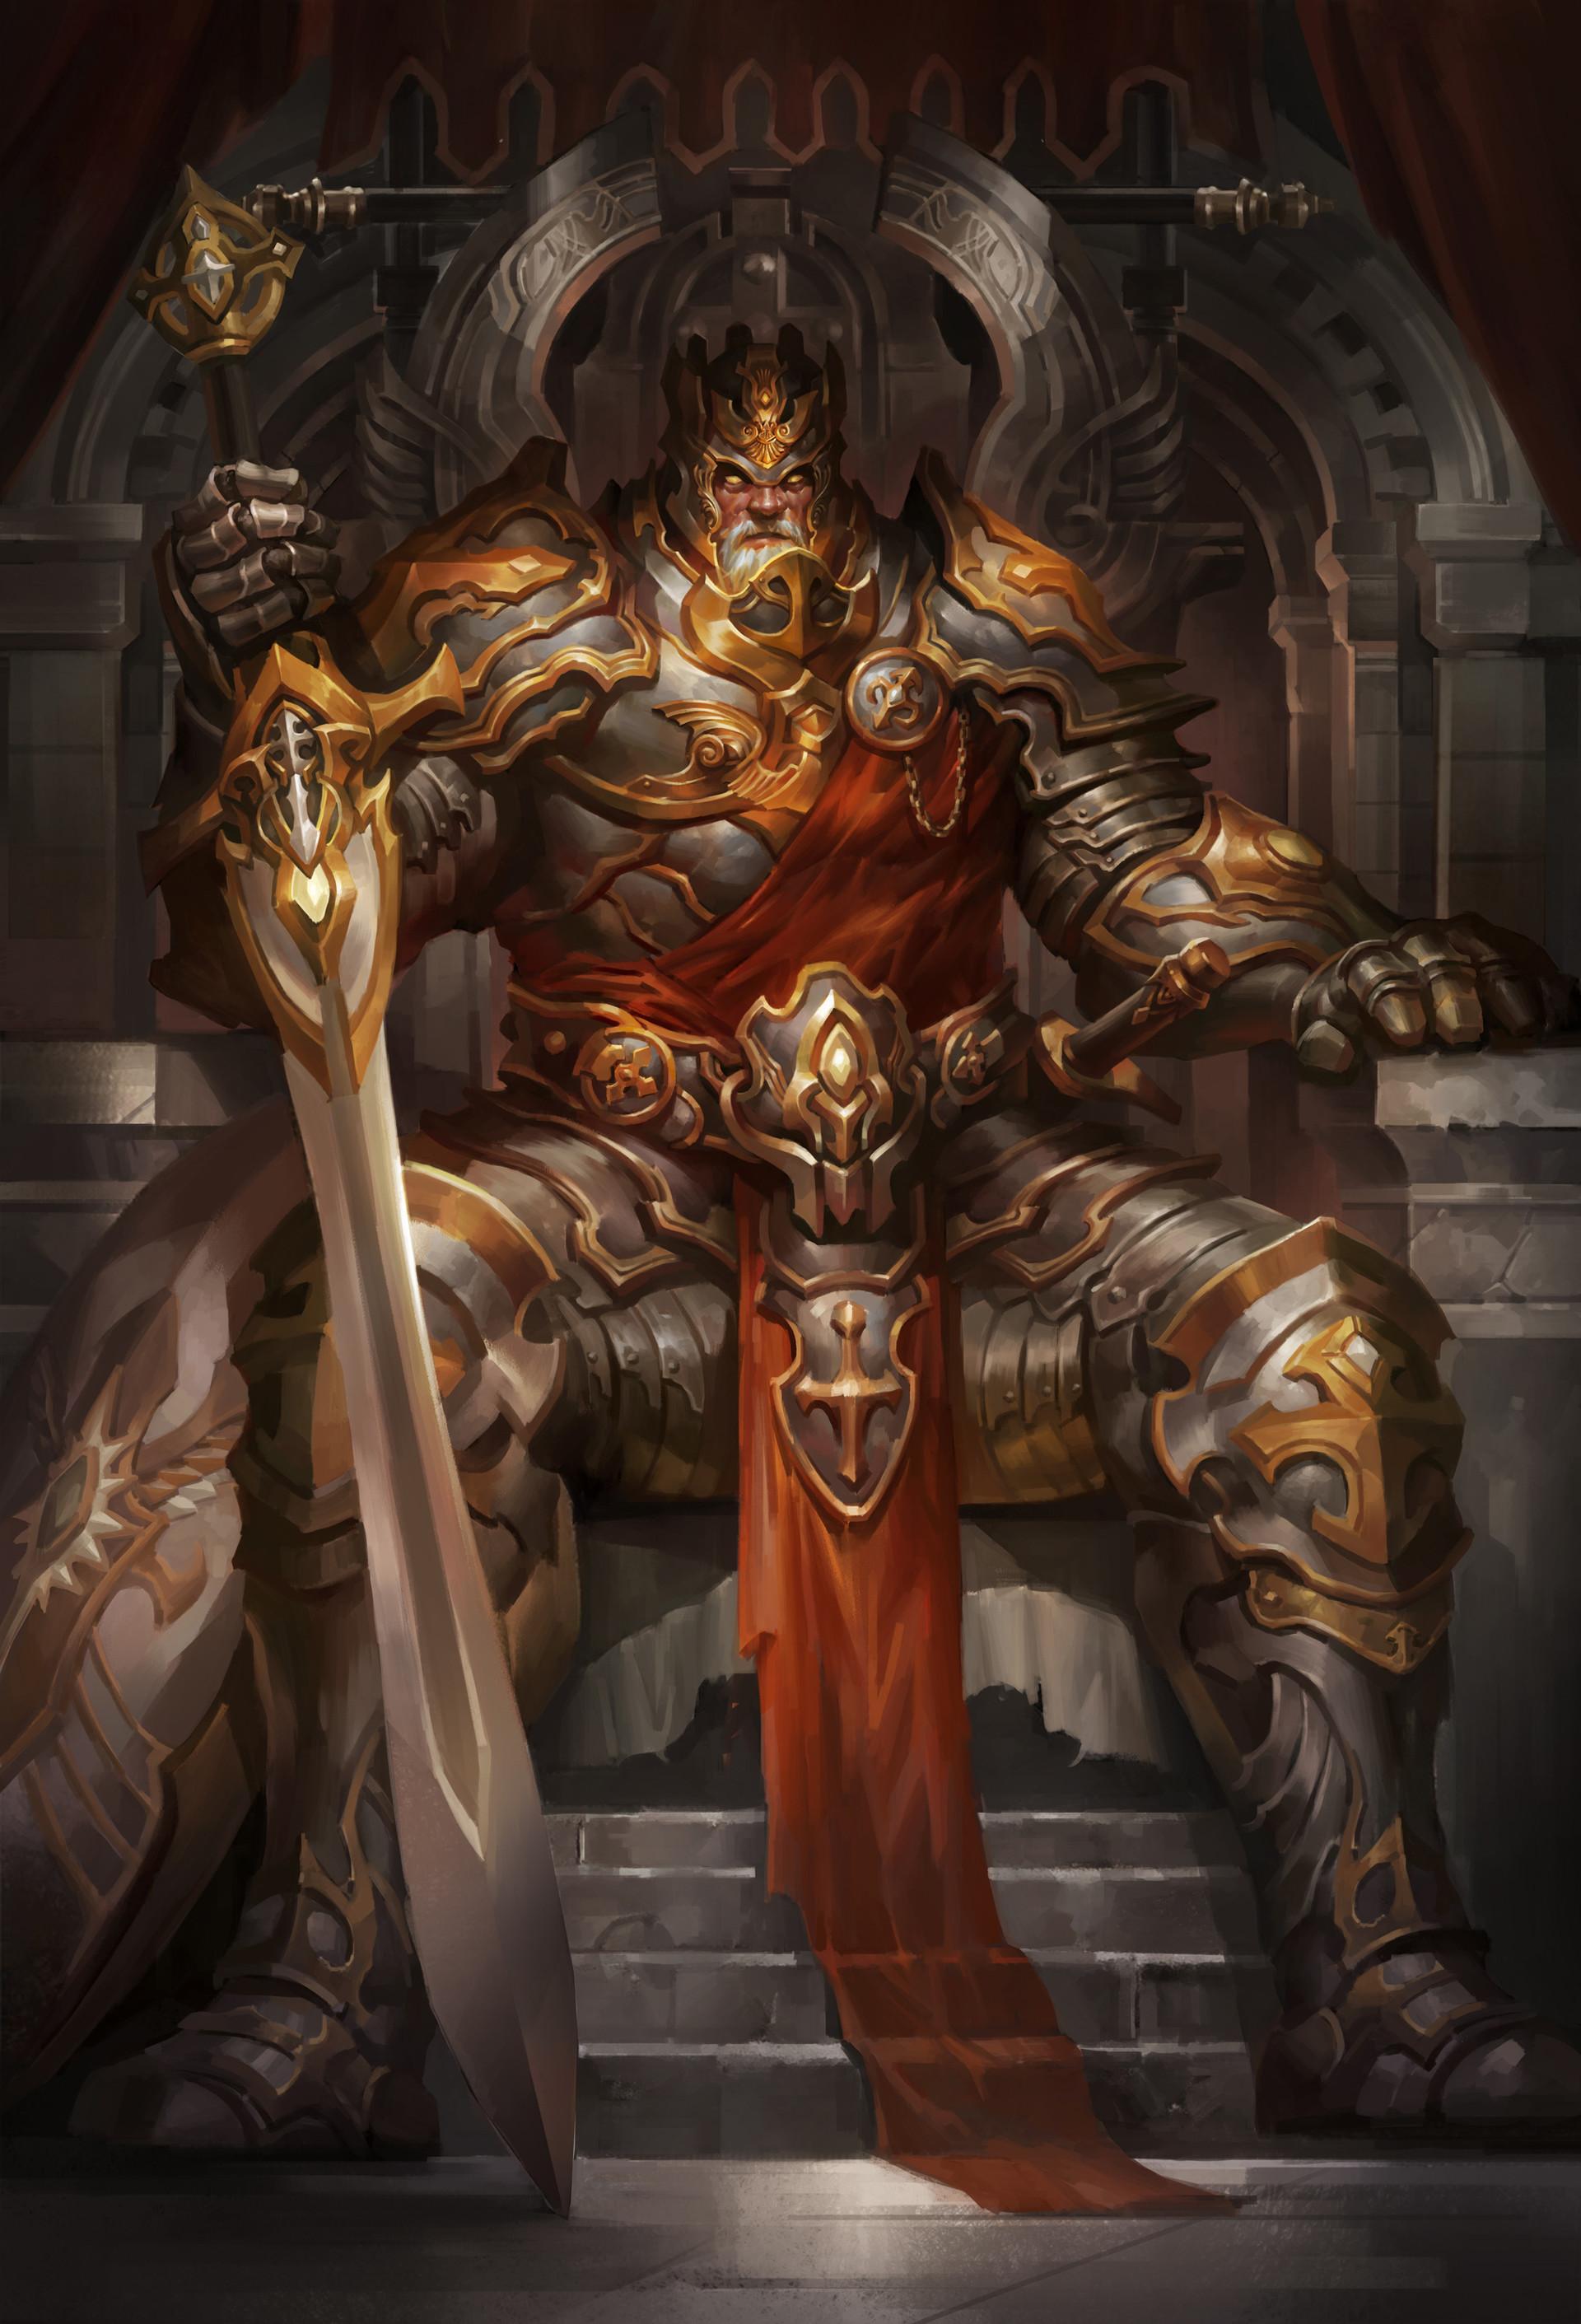 Hua lu art for kings and heroes